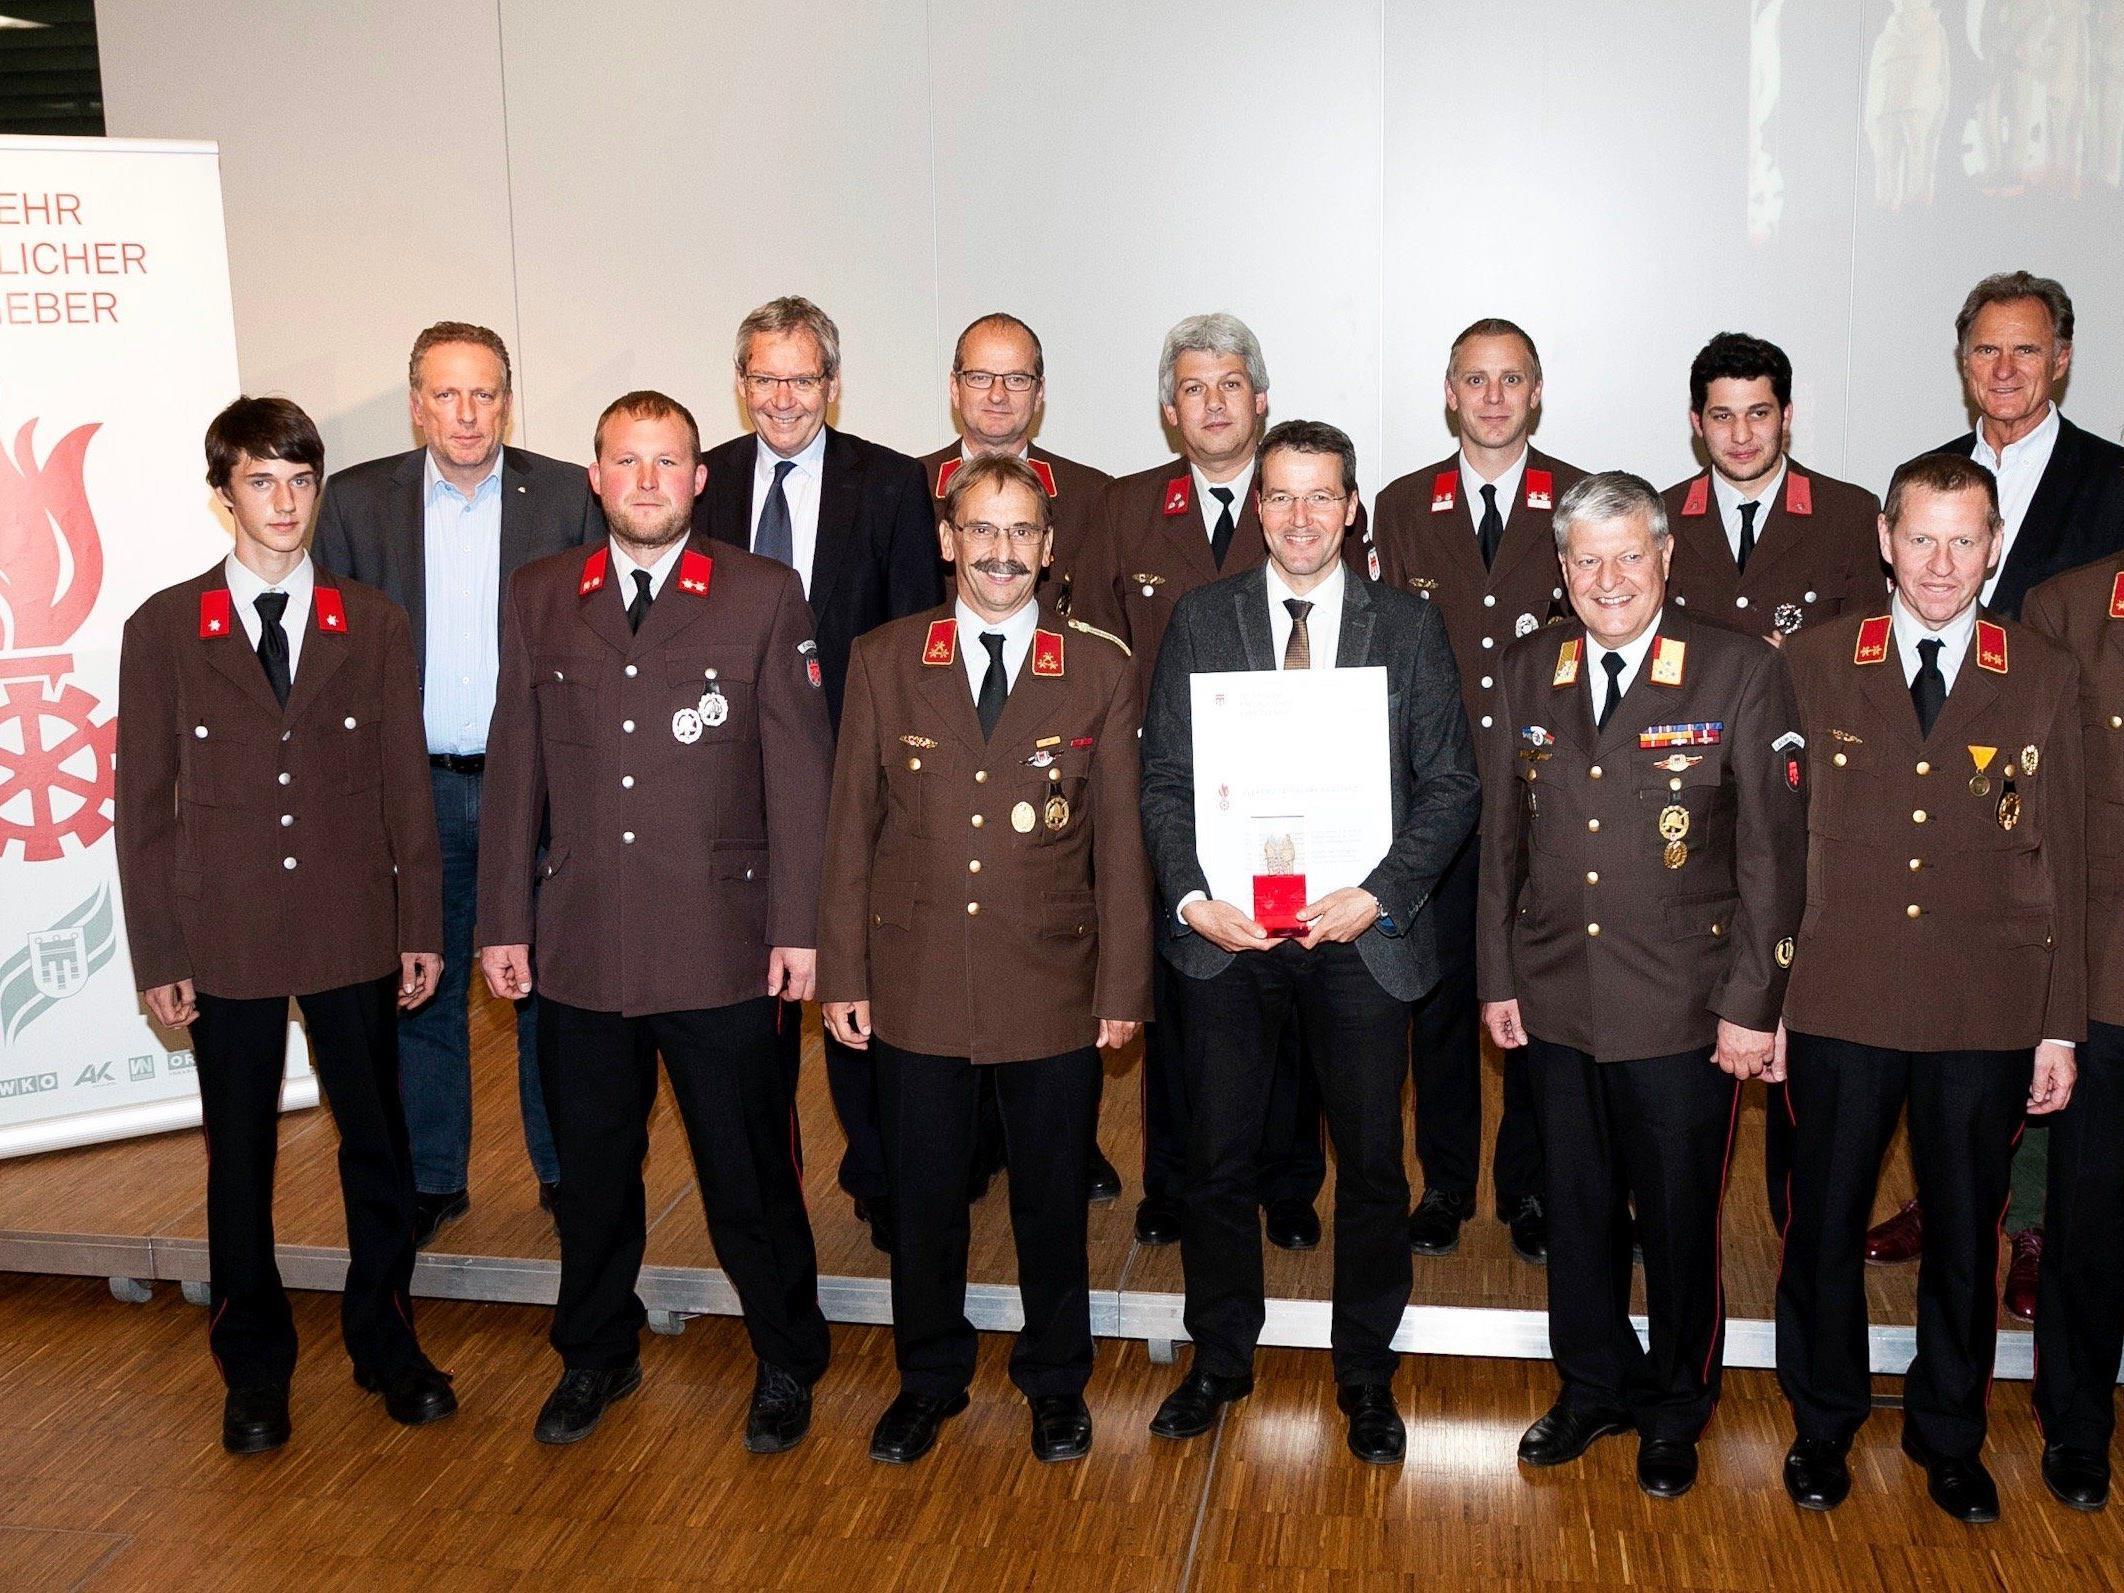 Die E-Werke wurden im Rahmen eines Festaktes vom Landesfeuerwehrverband für ihr Engagement bei der Feuerwehr ausgezeichnet.